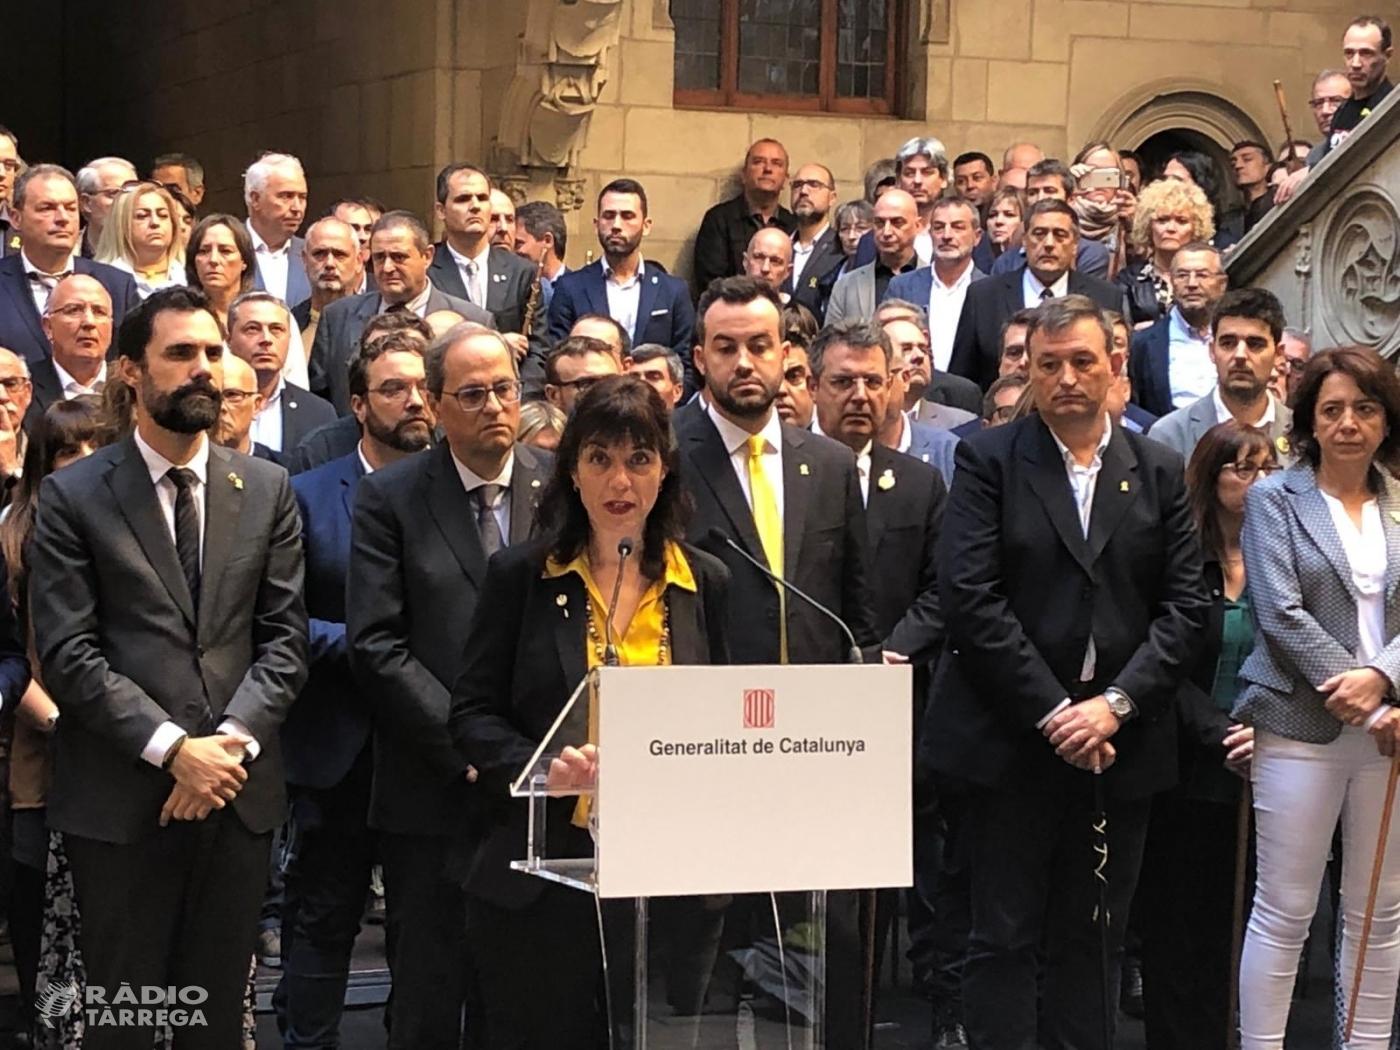 L'alcaldessa de Tàrrega participa en l'acte on 700 alcaldes de tot Catalunya han traslladat a la Generaliat la moció de rebuig a la sentència